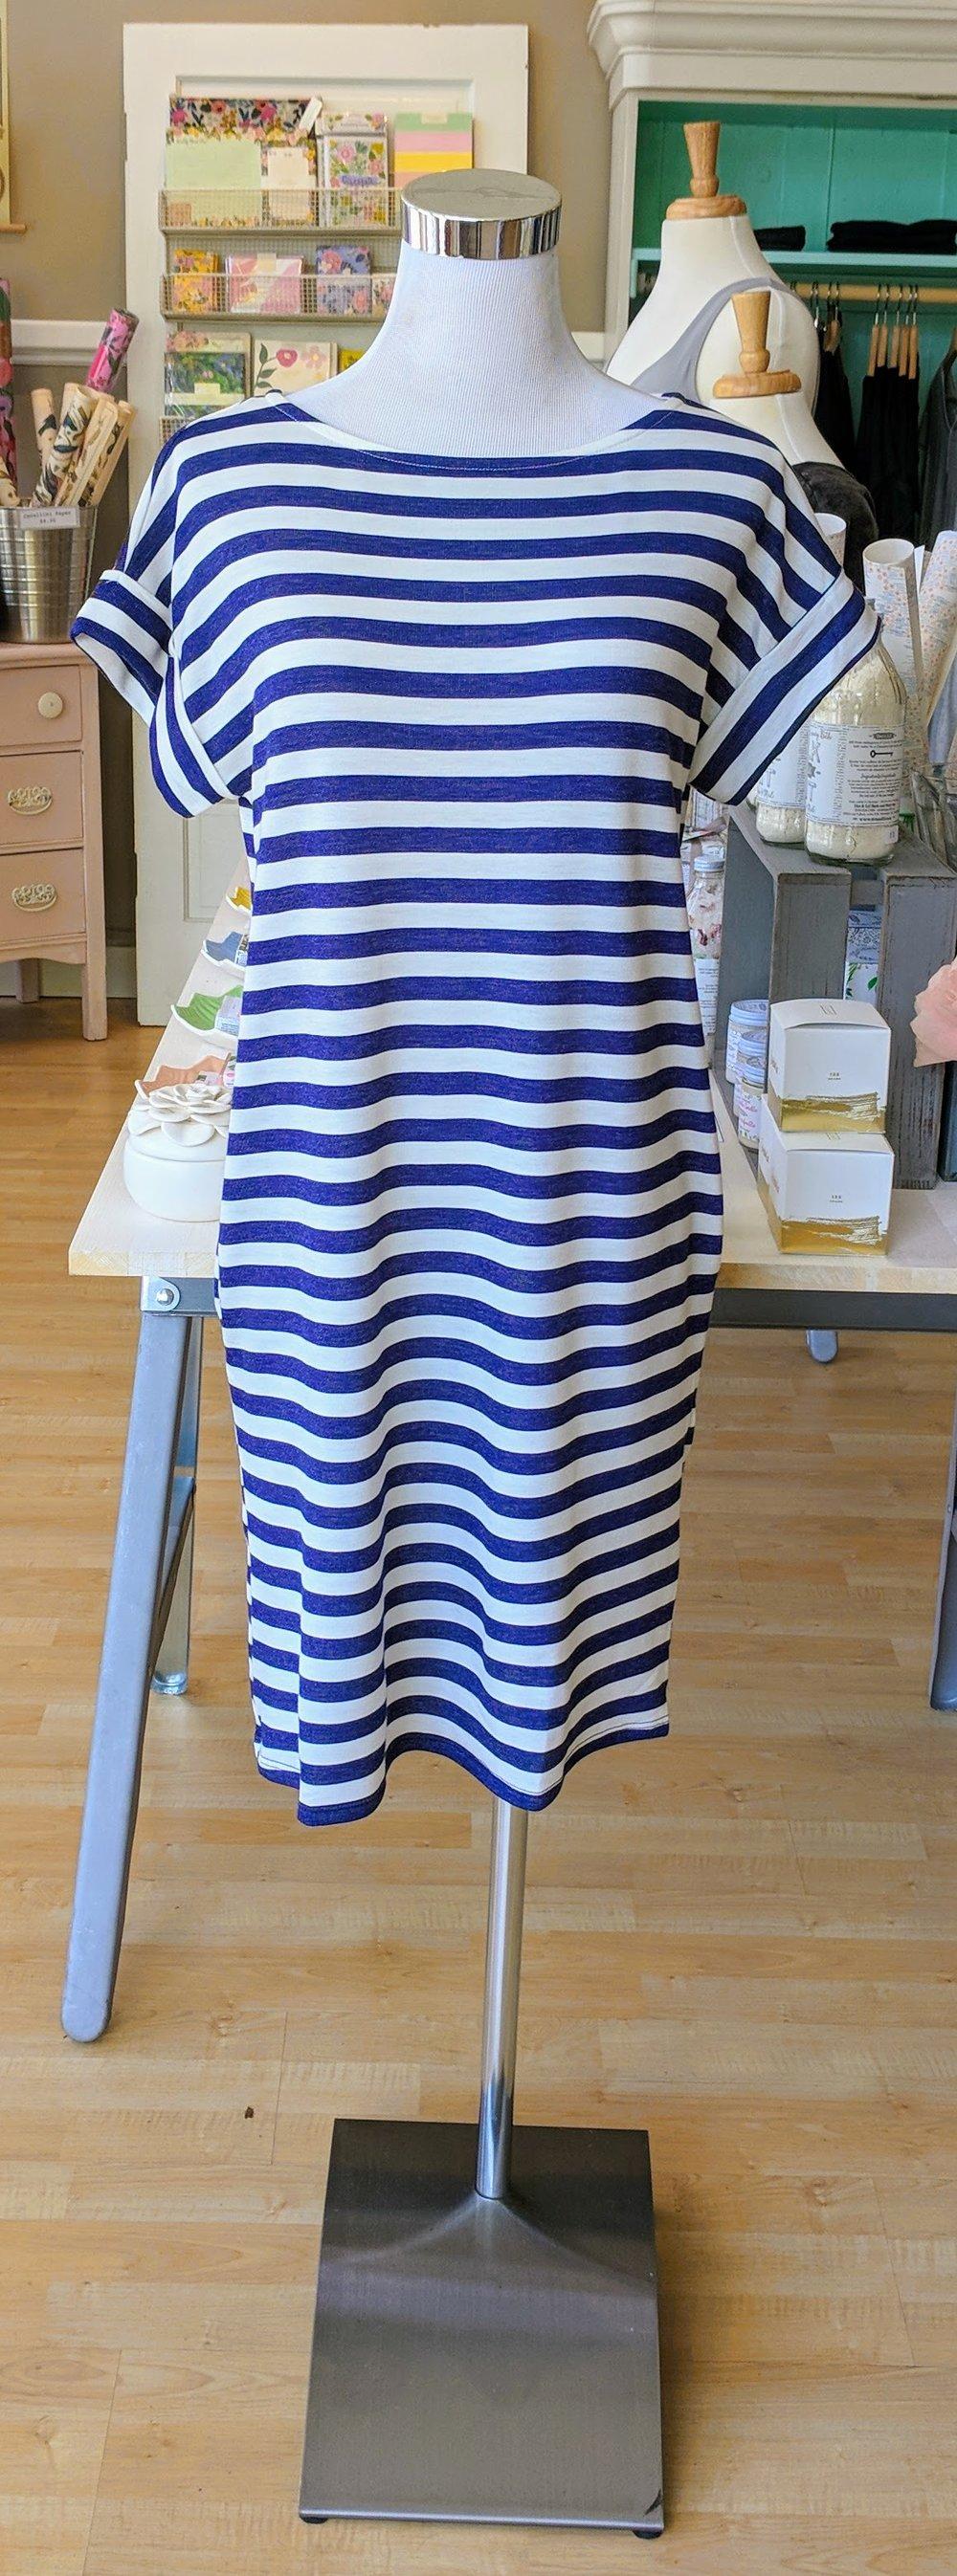 Navy stripe knit dress with pockets.